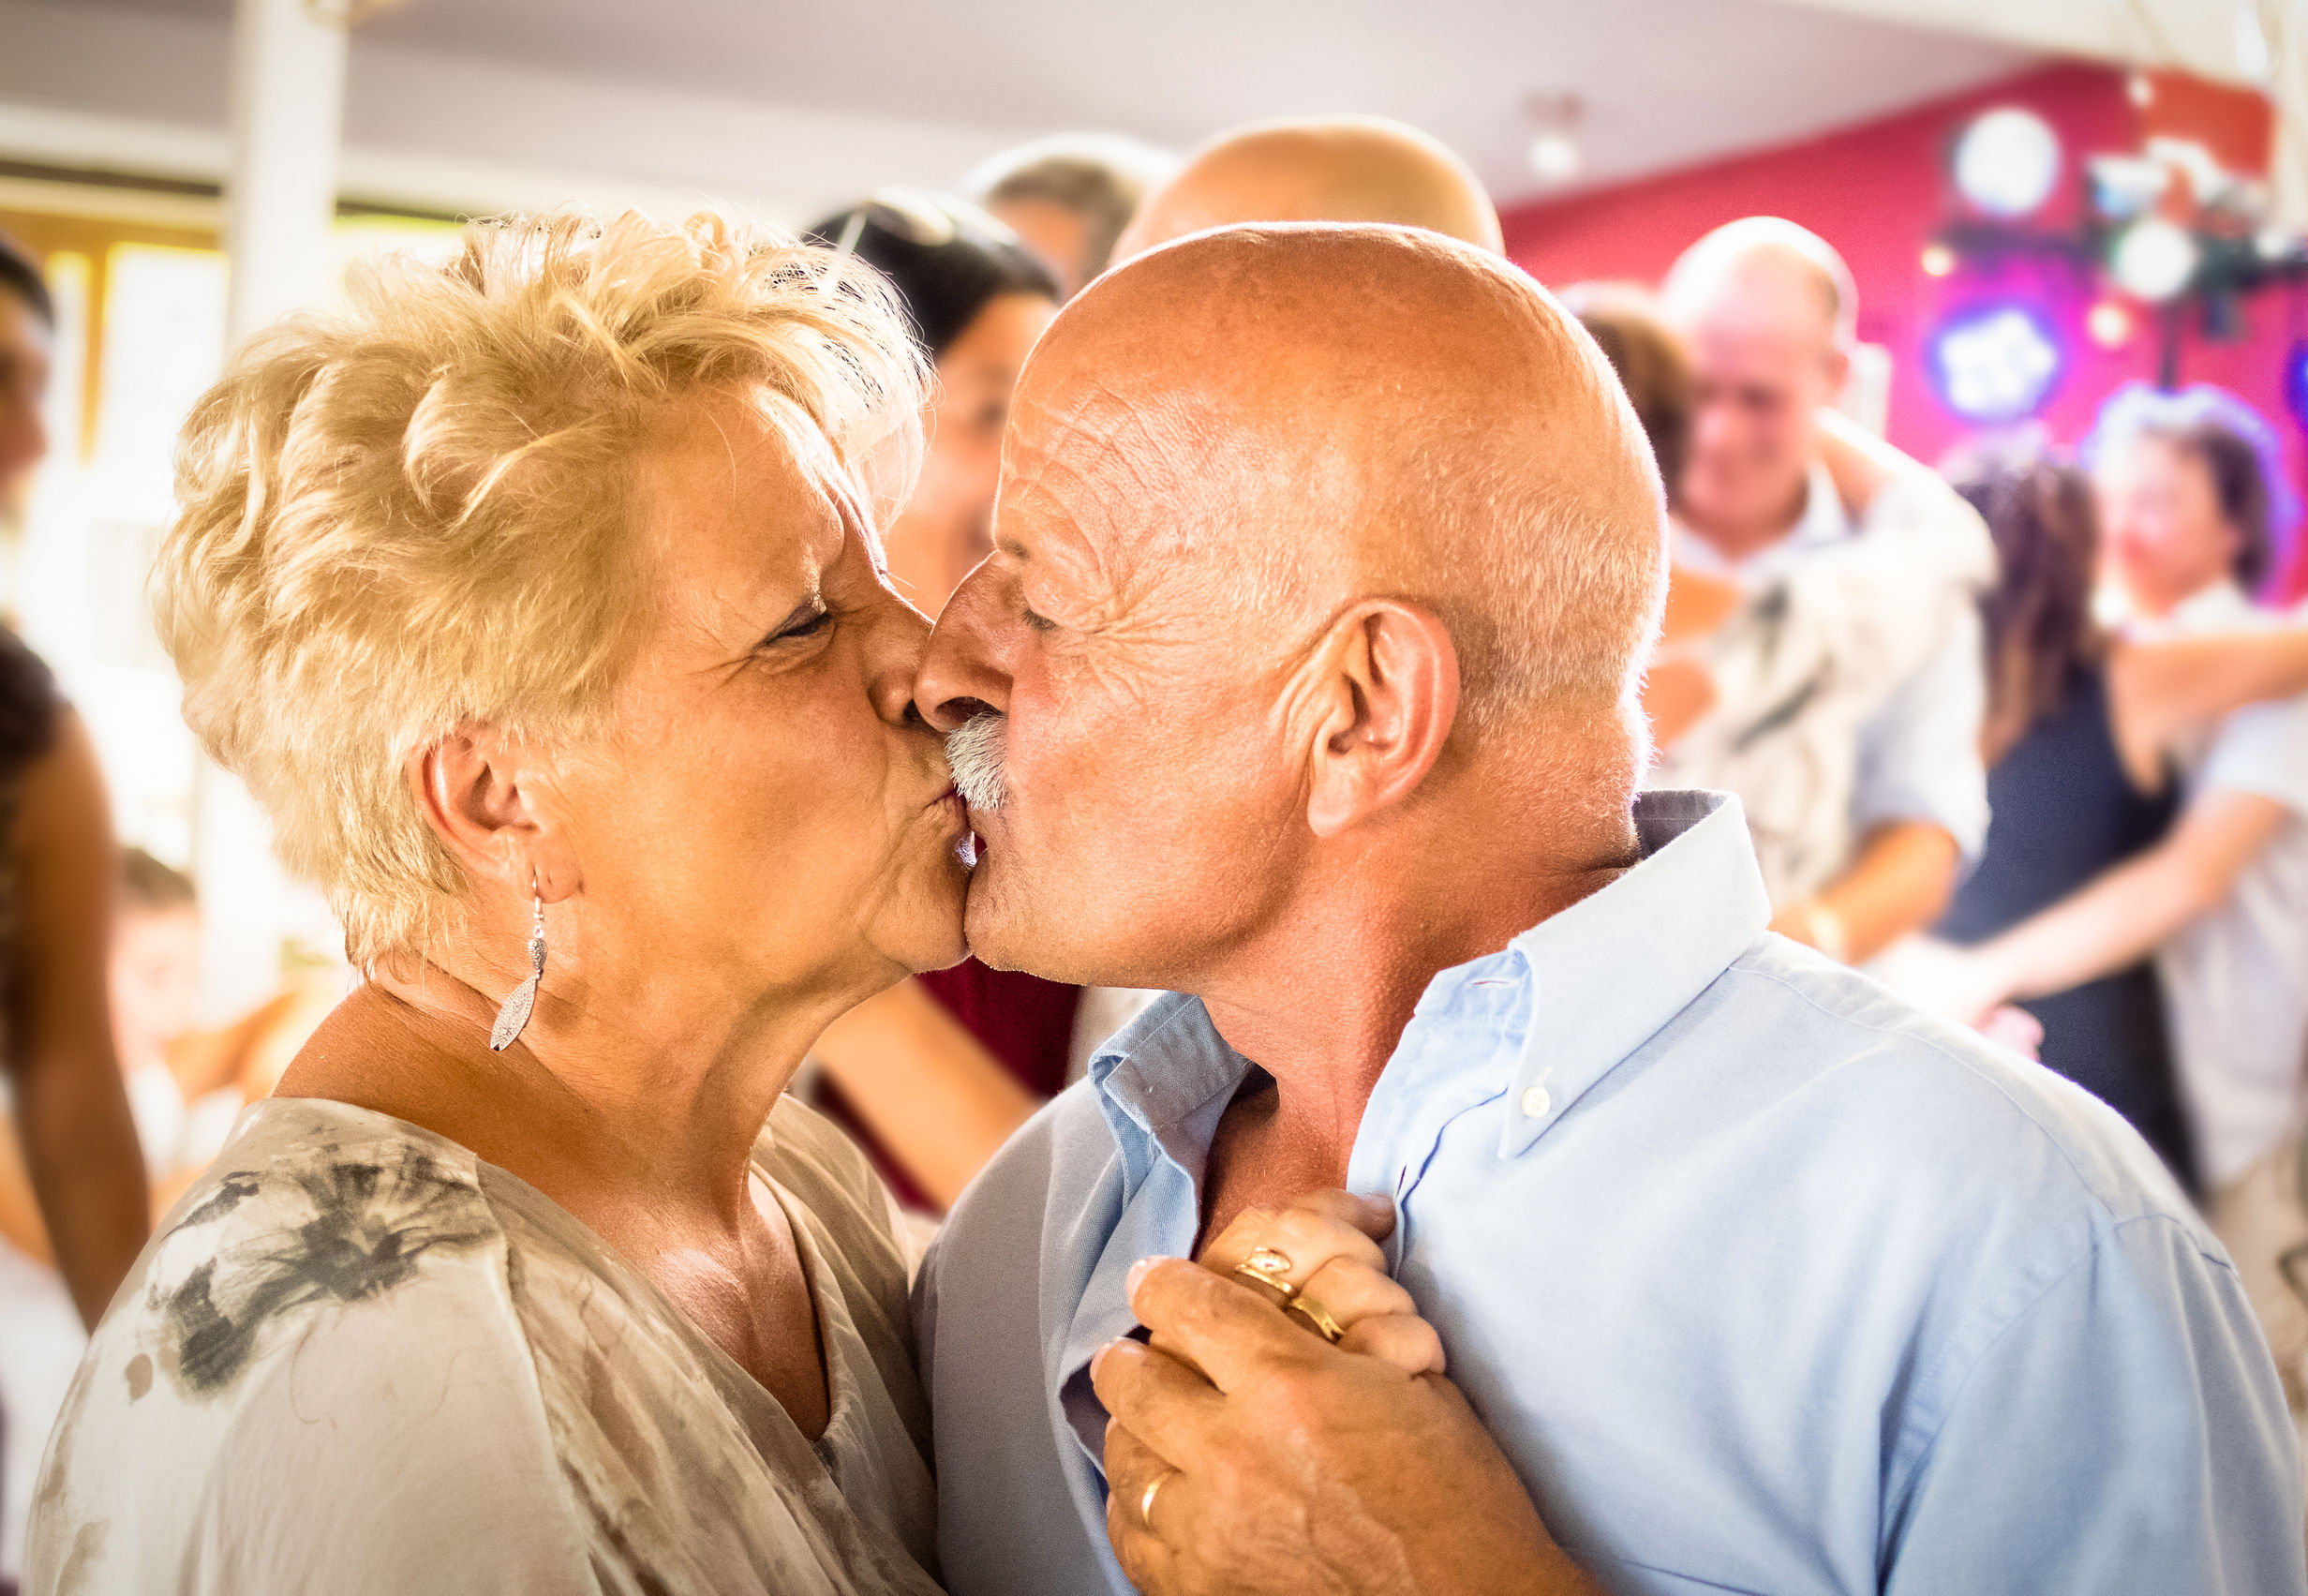 día internacional del beso: beneficios para la salud